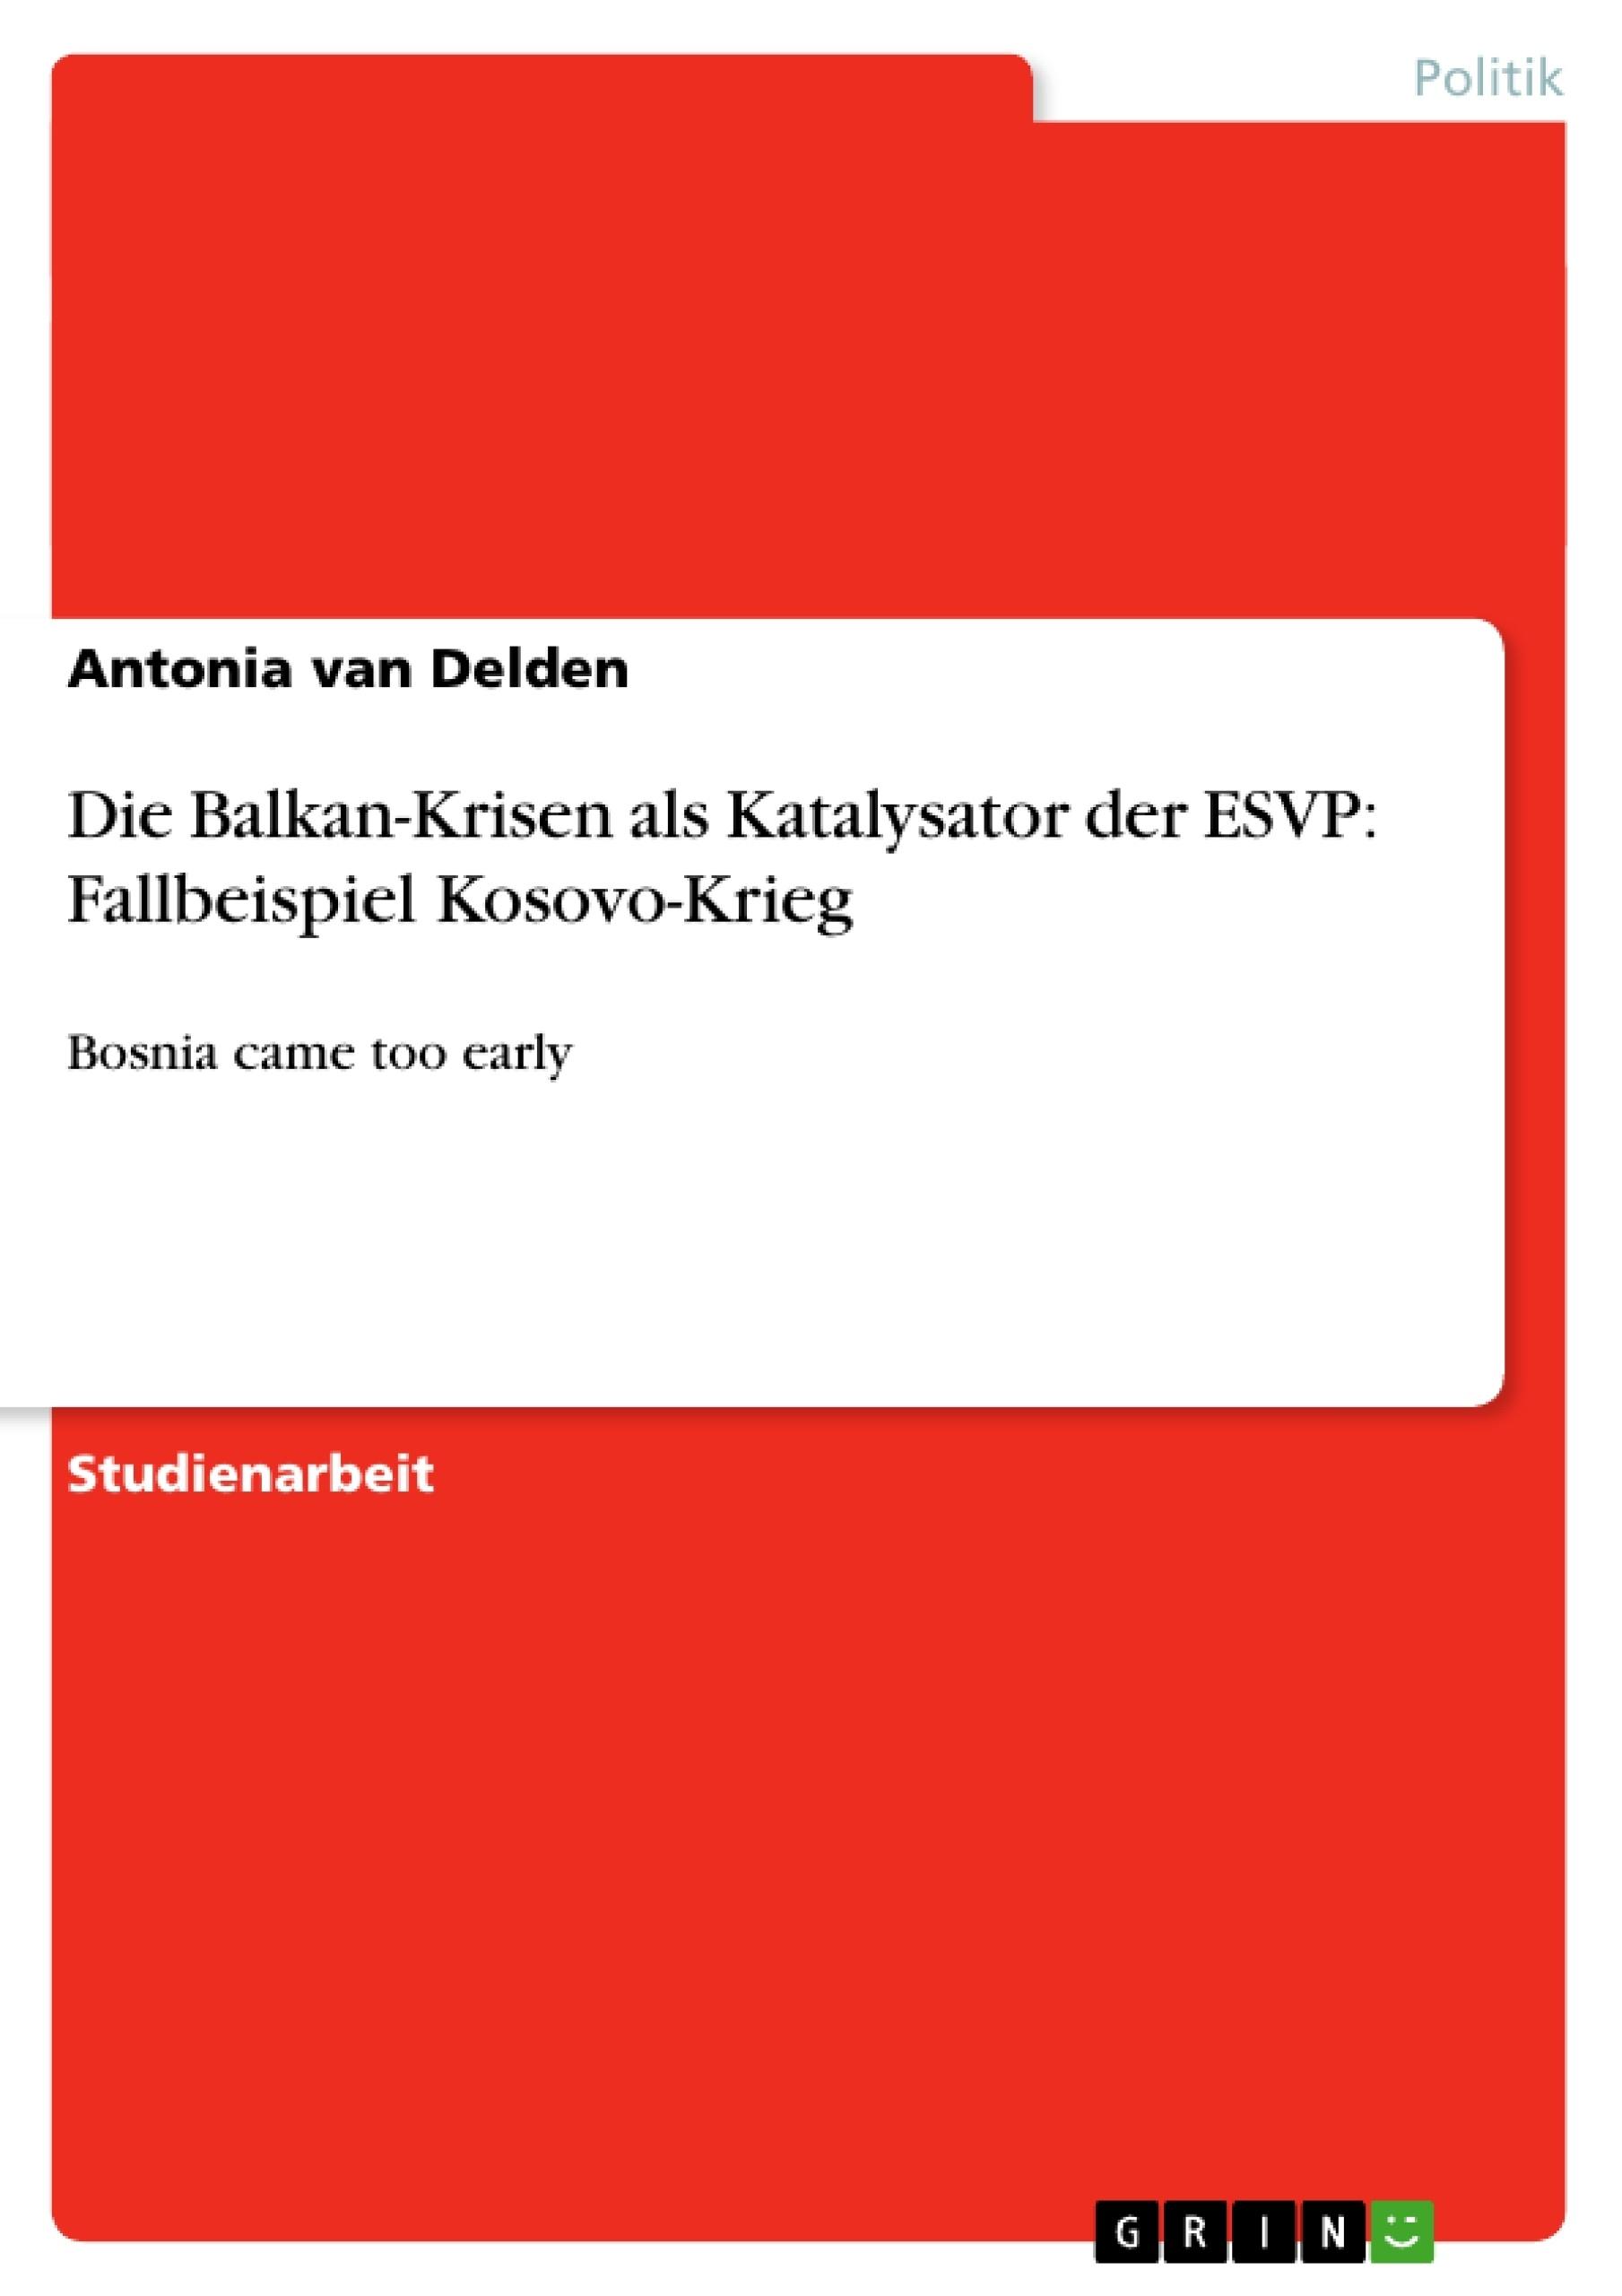 Titel: Die Balkan-Krisen als Katalysator der ESVP: Fallbeispiel Kosovo-Krieg